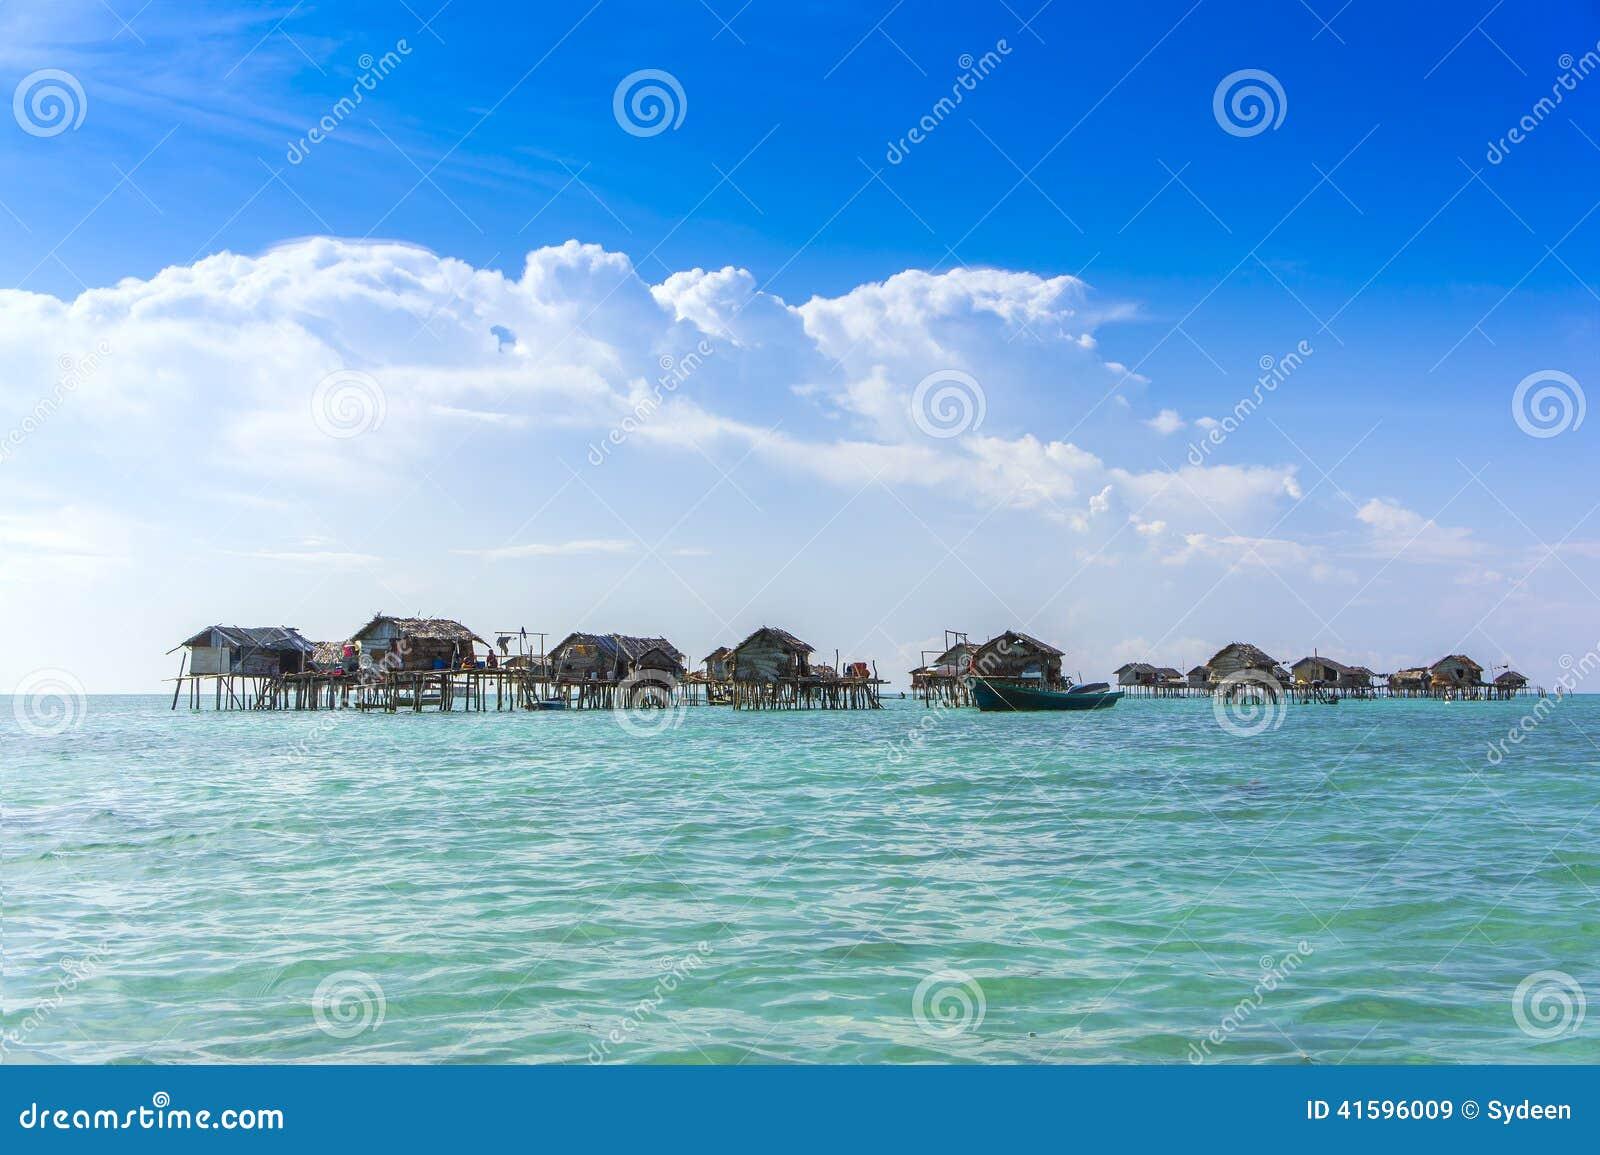 Bajau Floating House Stock Photo Image 41596009